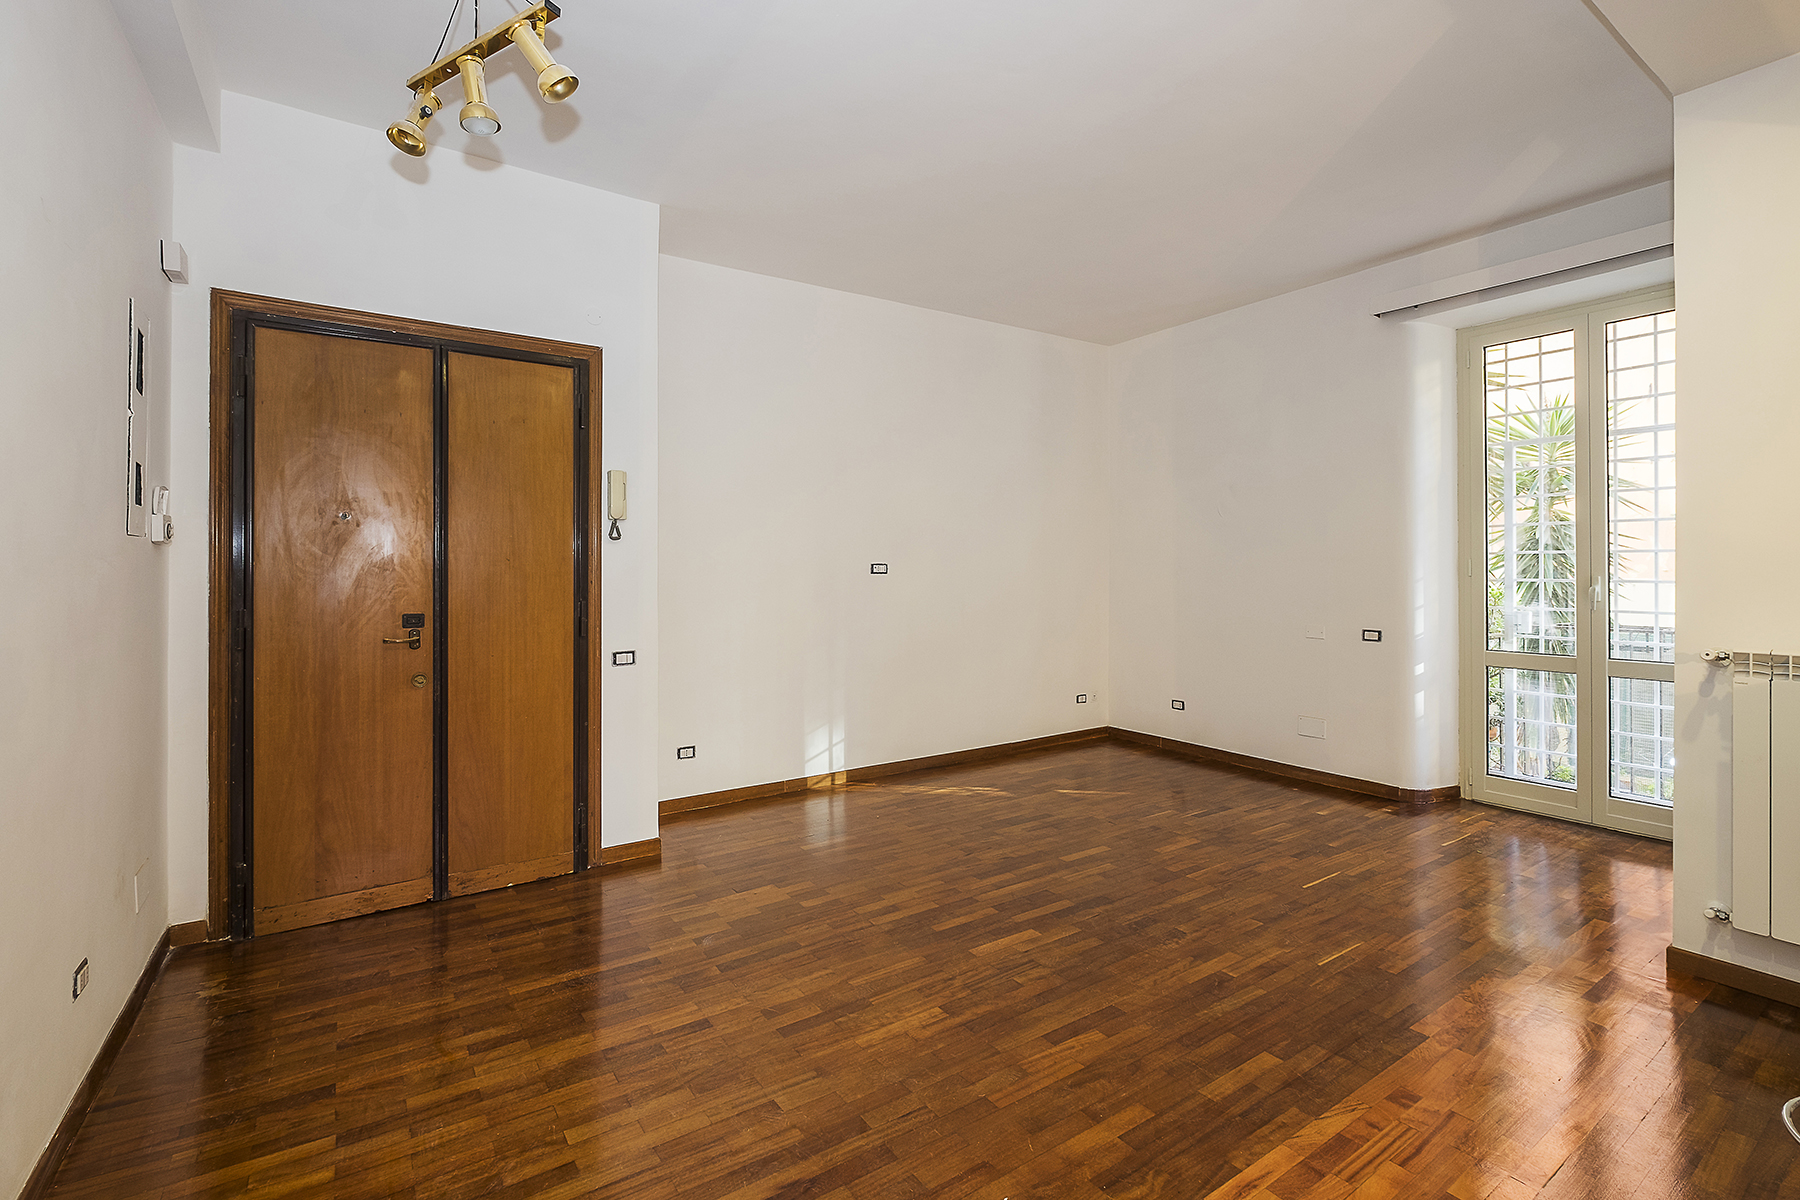 Appartamenti di lusso in affitto a roma trovocasa pregio for Appartamento affitto arredato roma